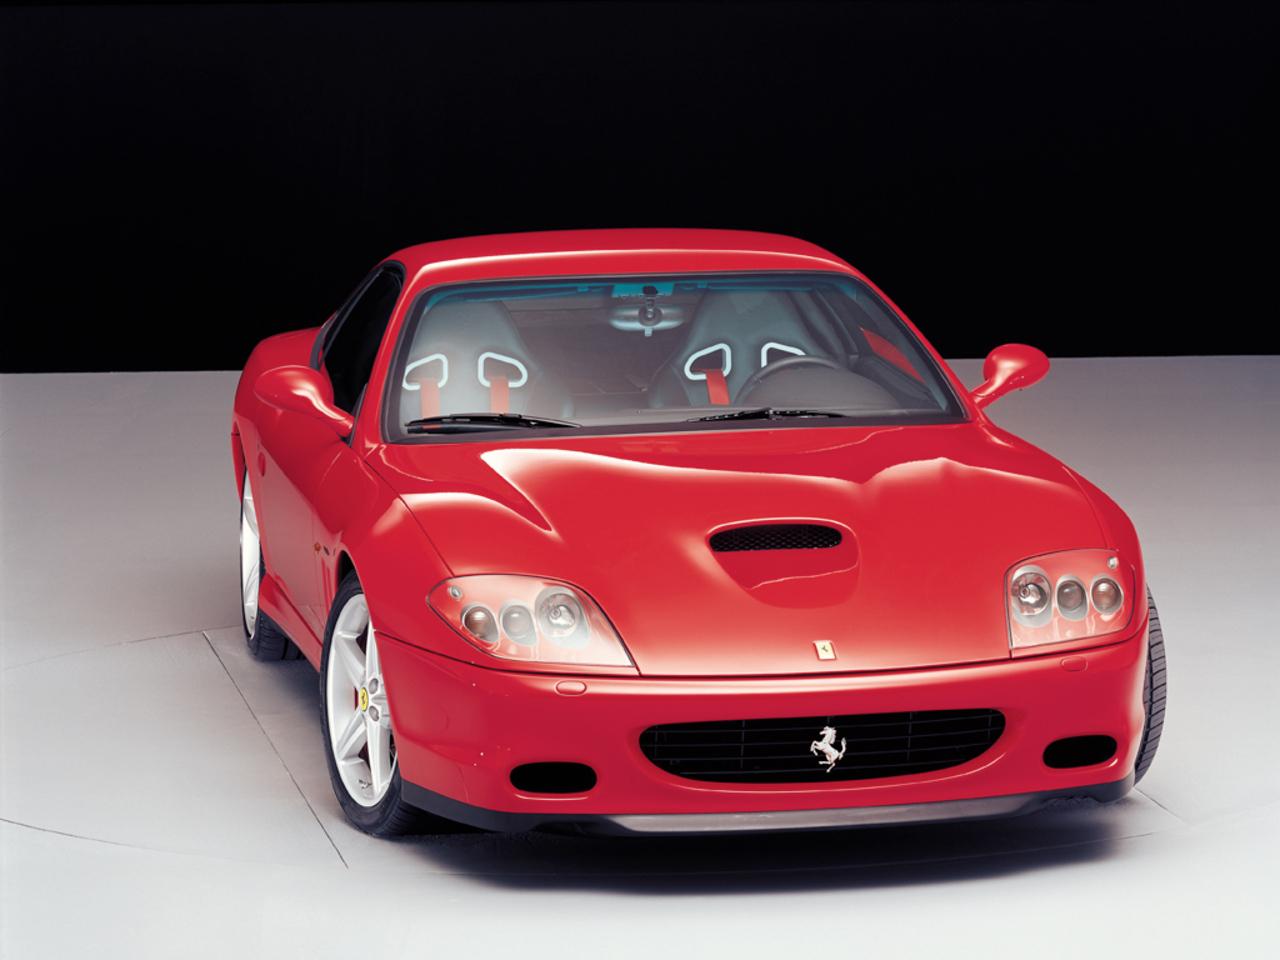 575M Maranello, front view